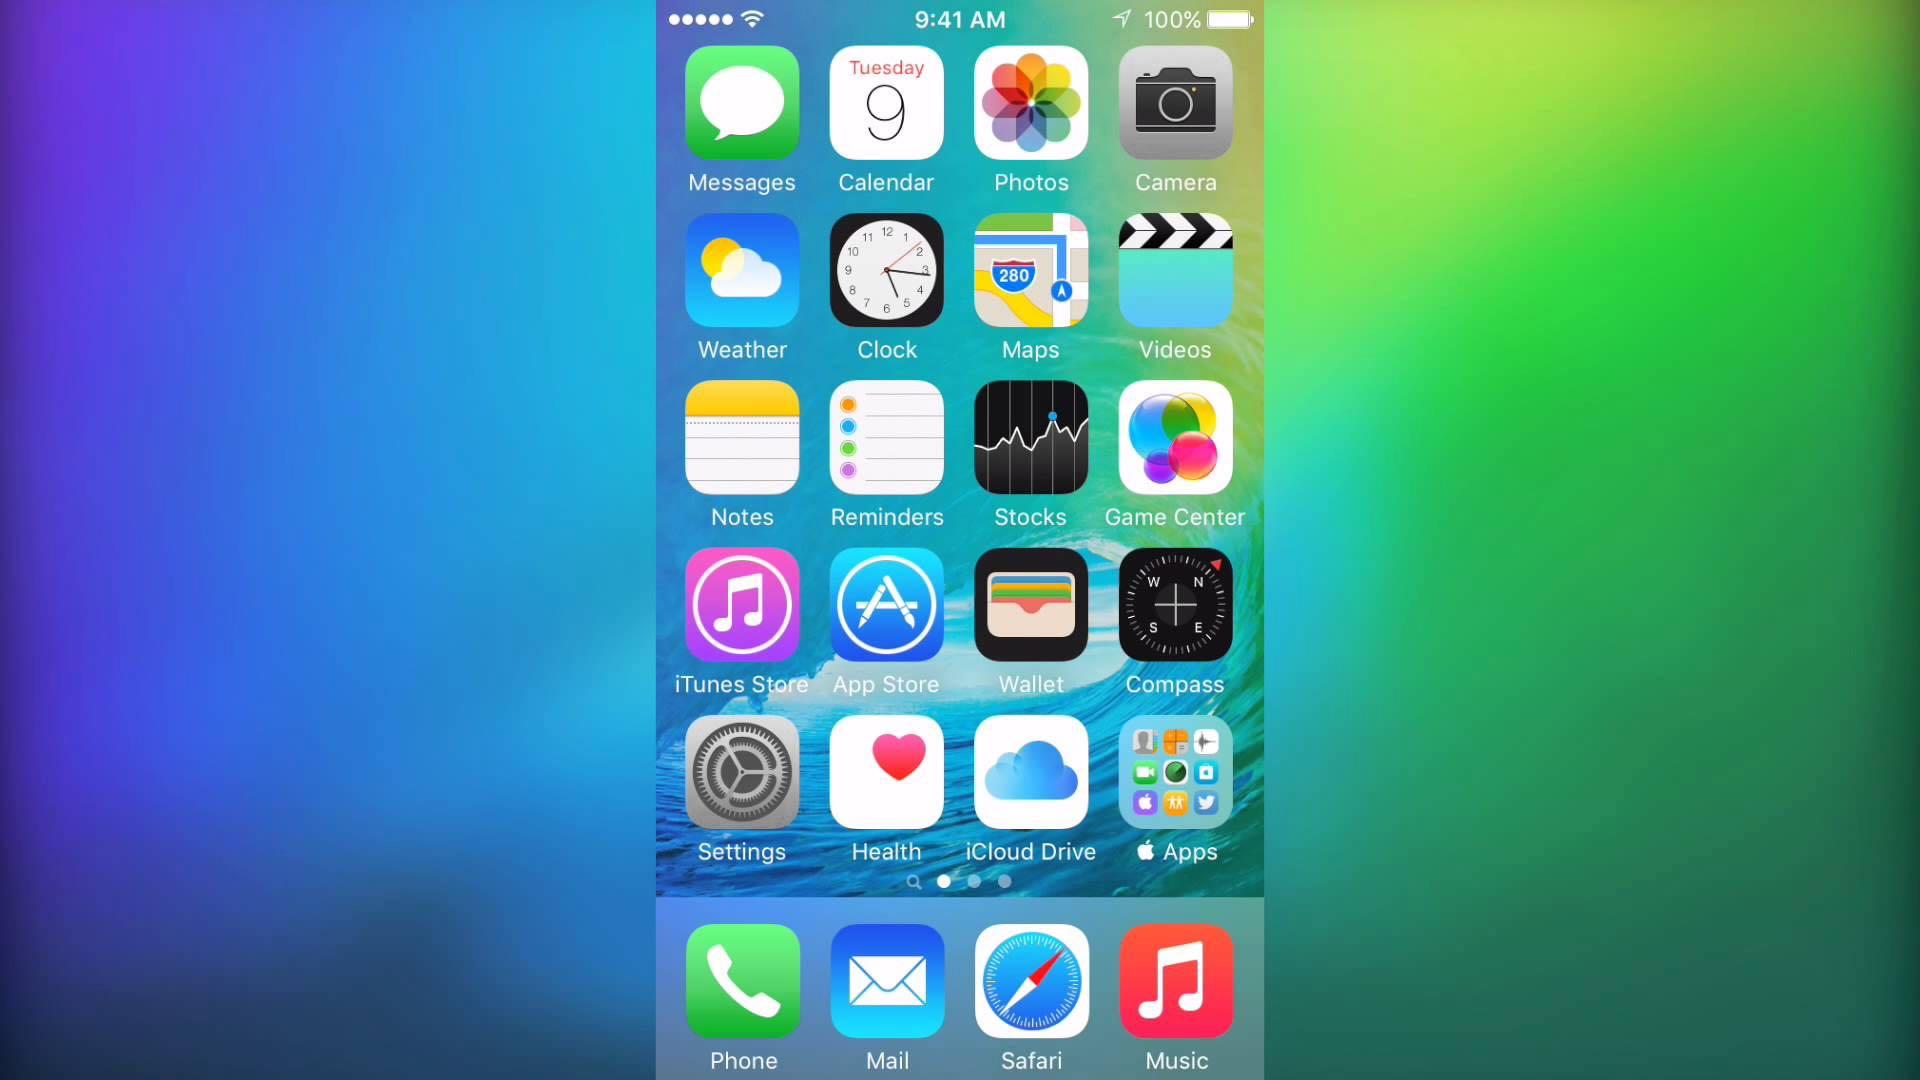 Apple iOS 9.3.5